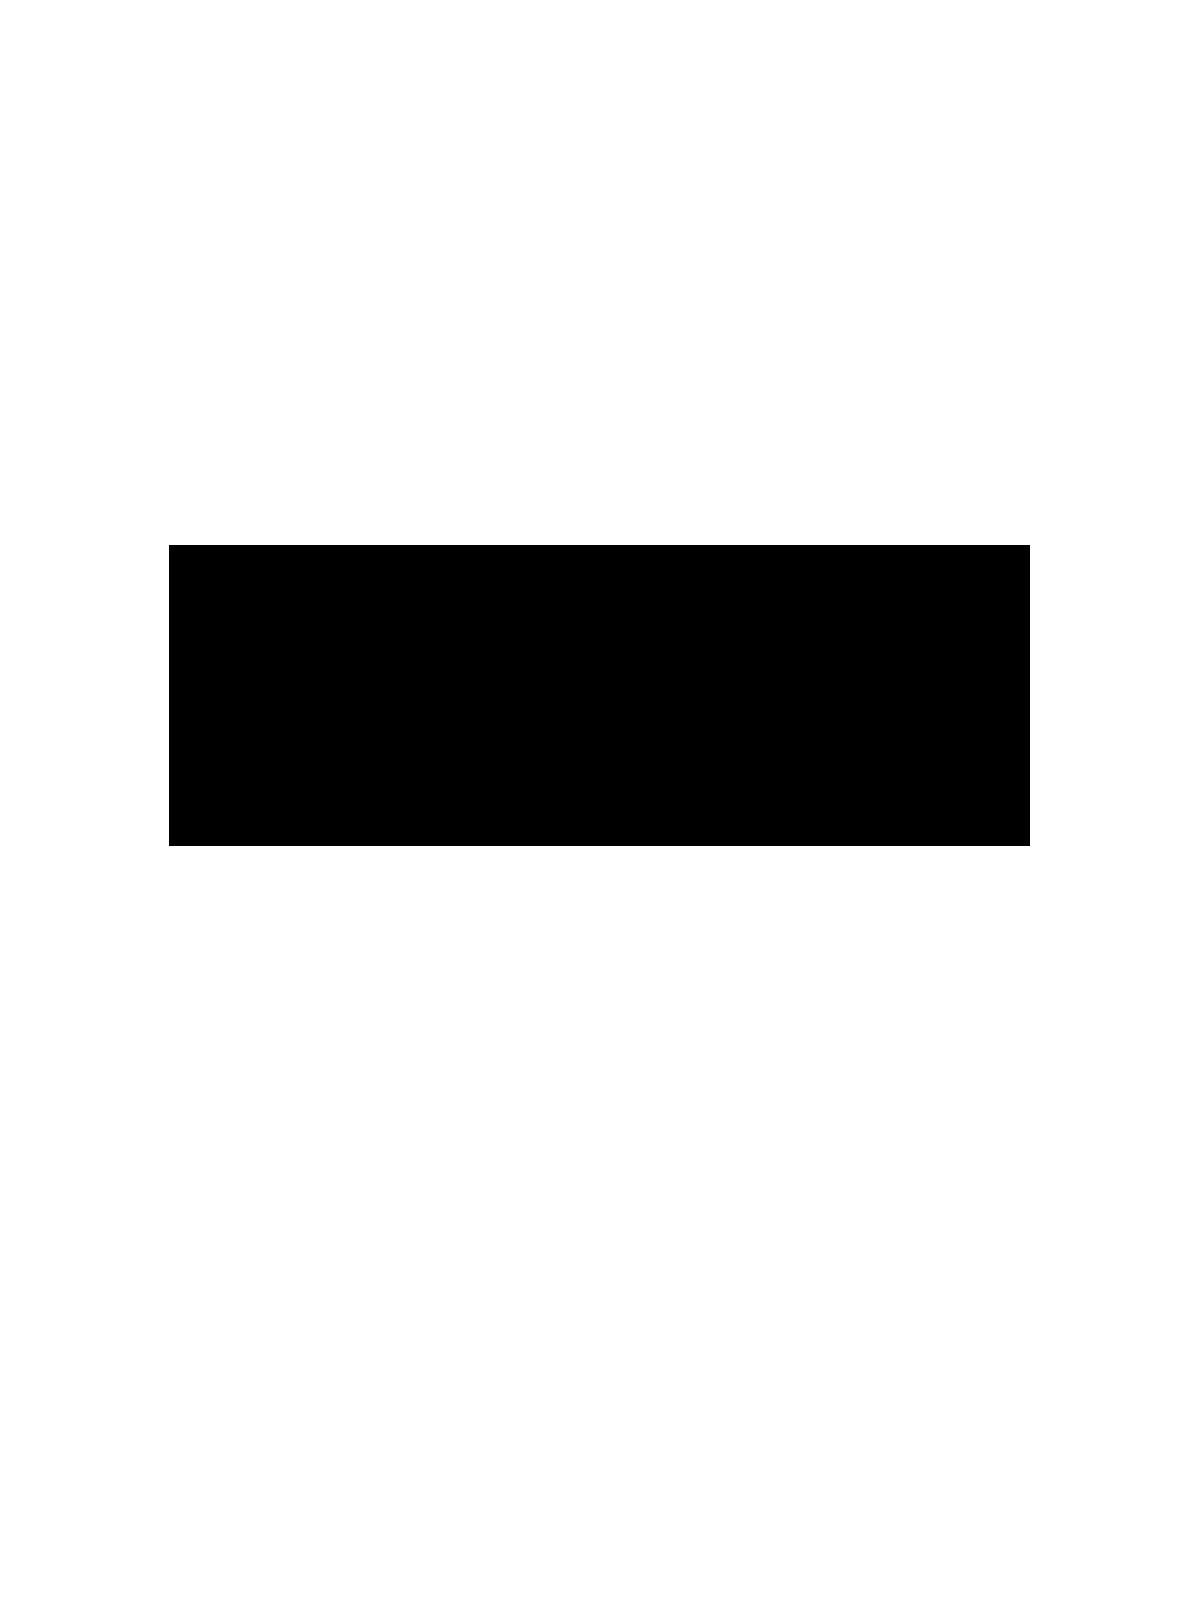 IXSO Consultores